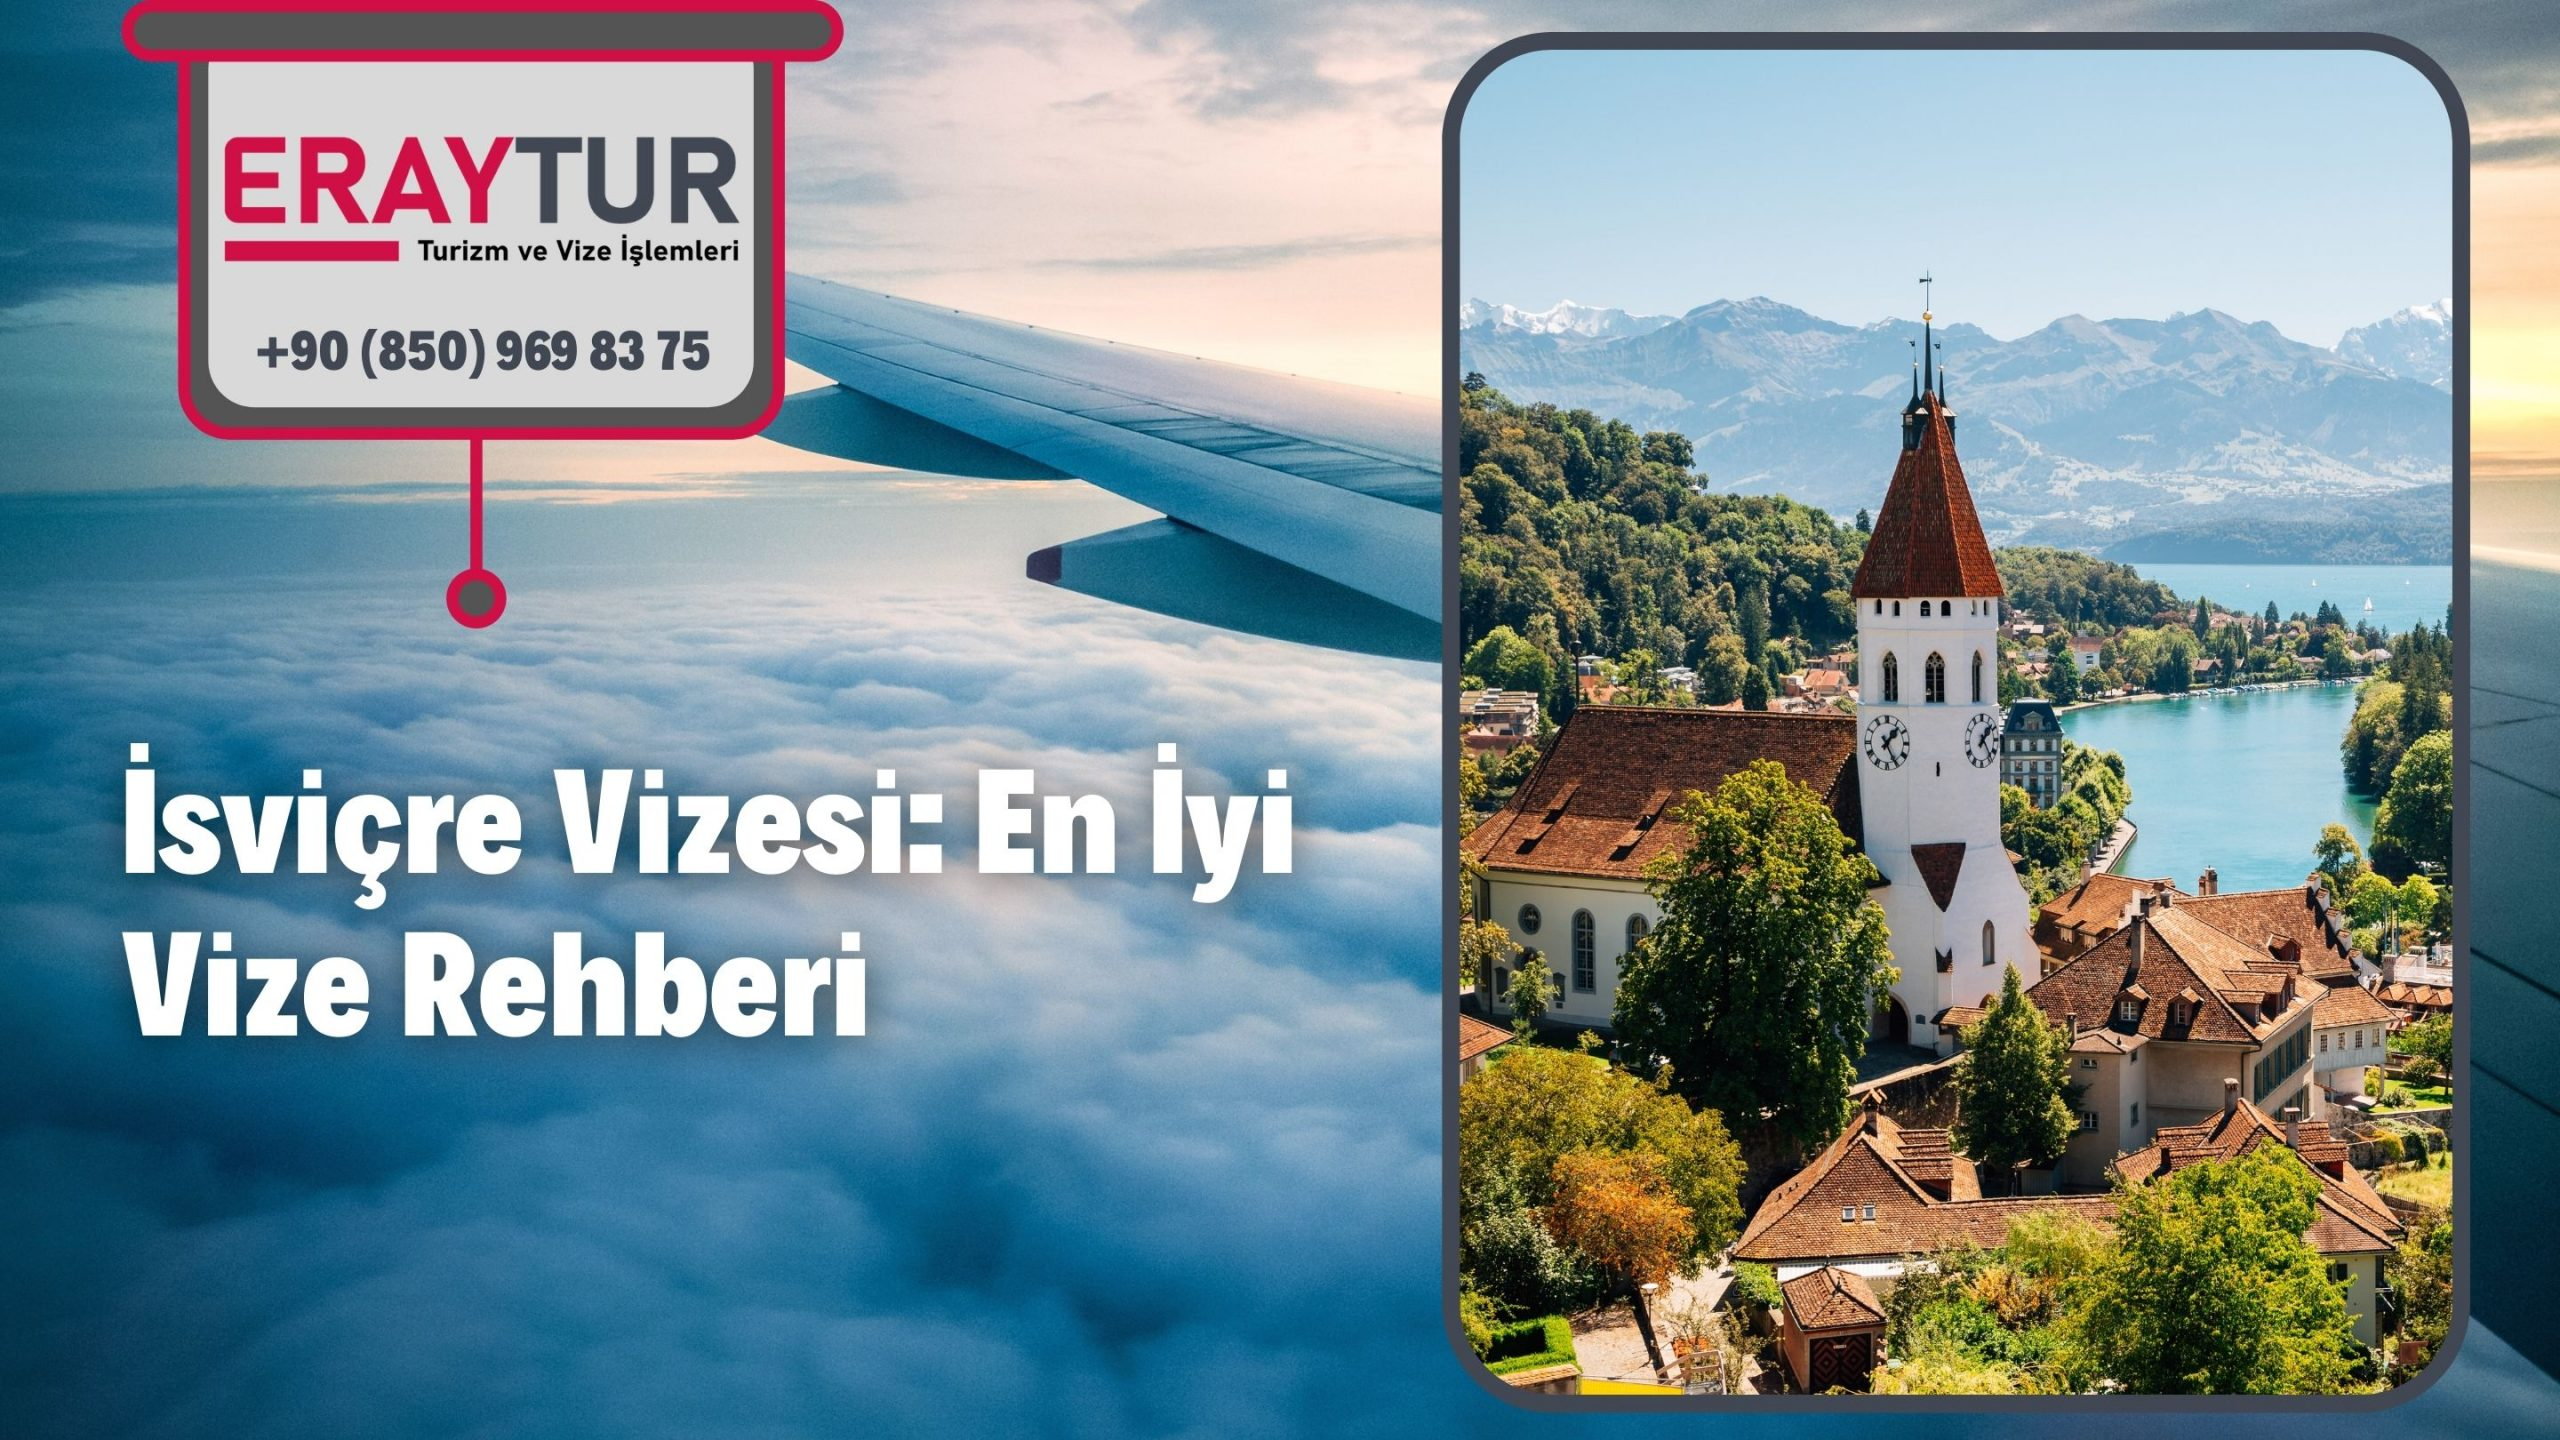 İsviçre Vizesi: En İyi Vize Rehberi 2021